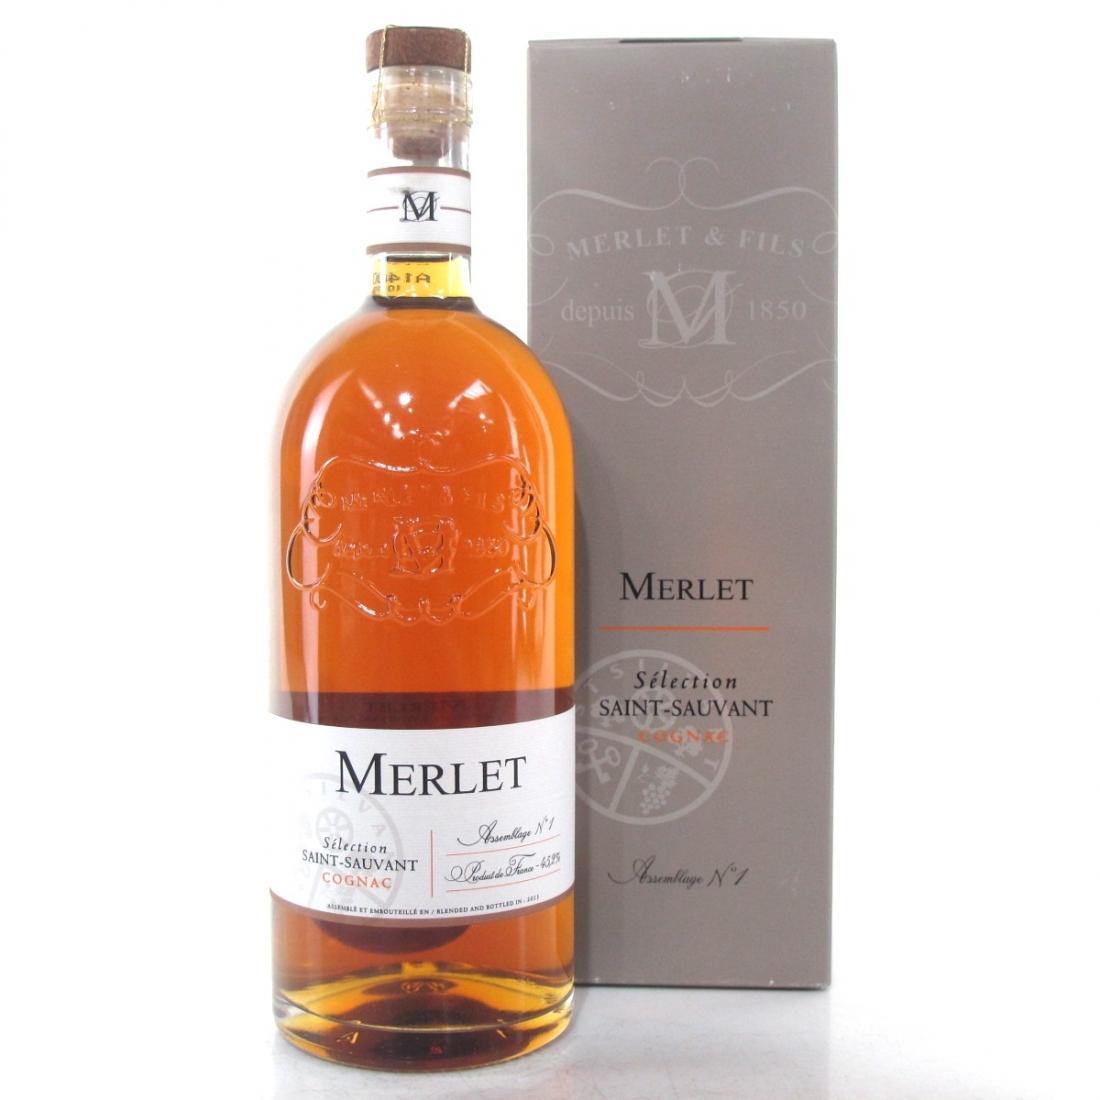 Merlet Cognac